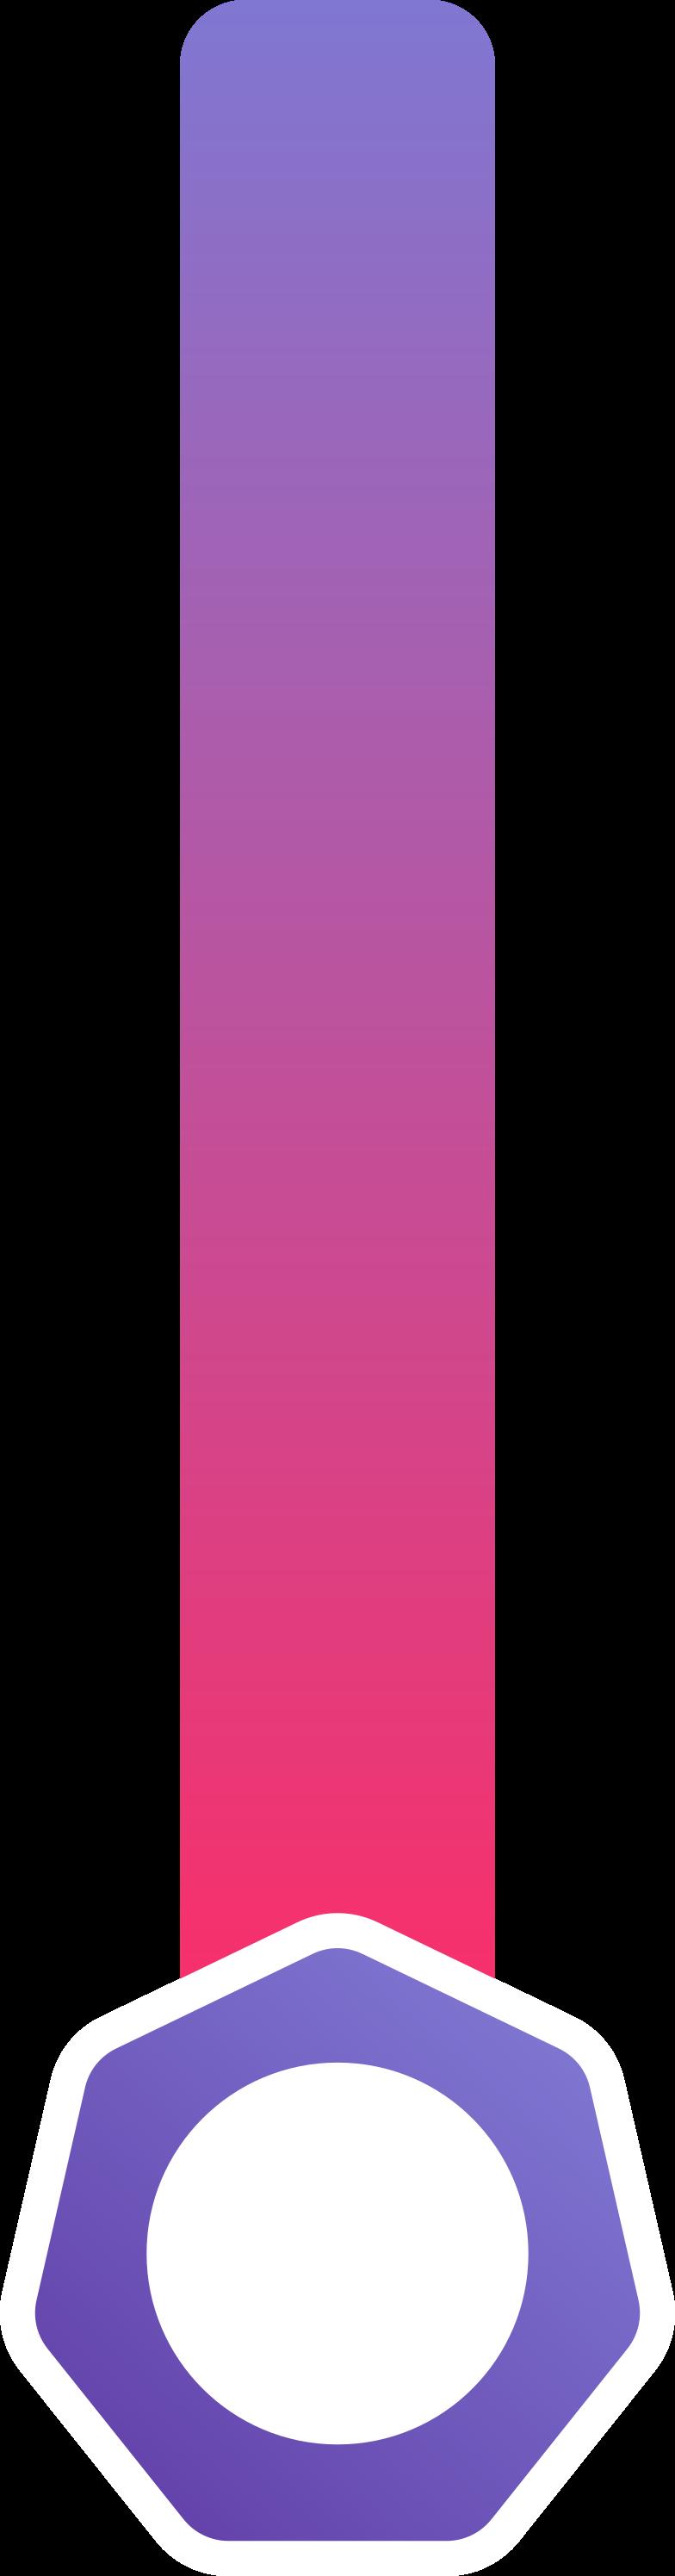 PNGとSVGの  スタイルの sgrdntロードライン ベクターイメージ | Icons8 イラスト